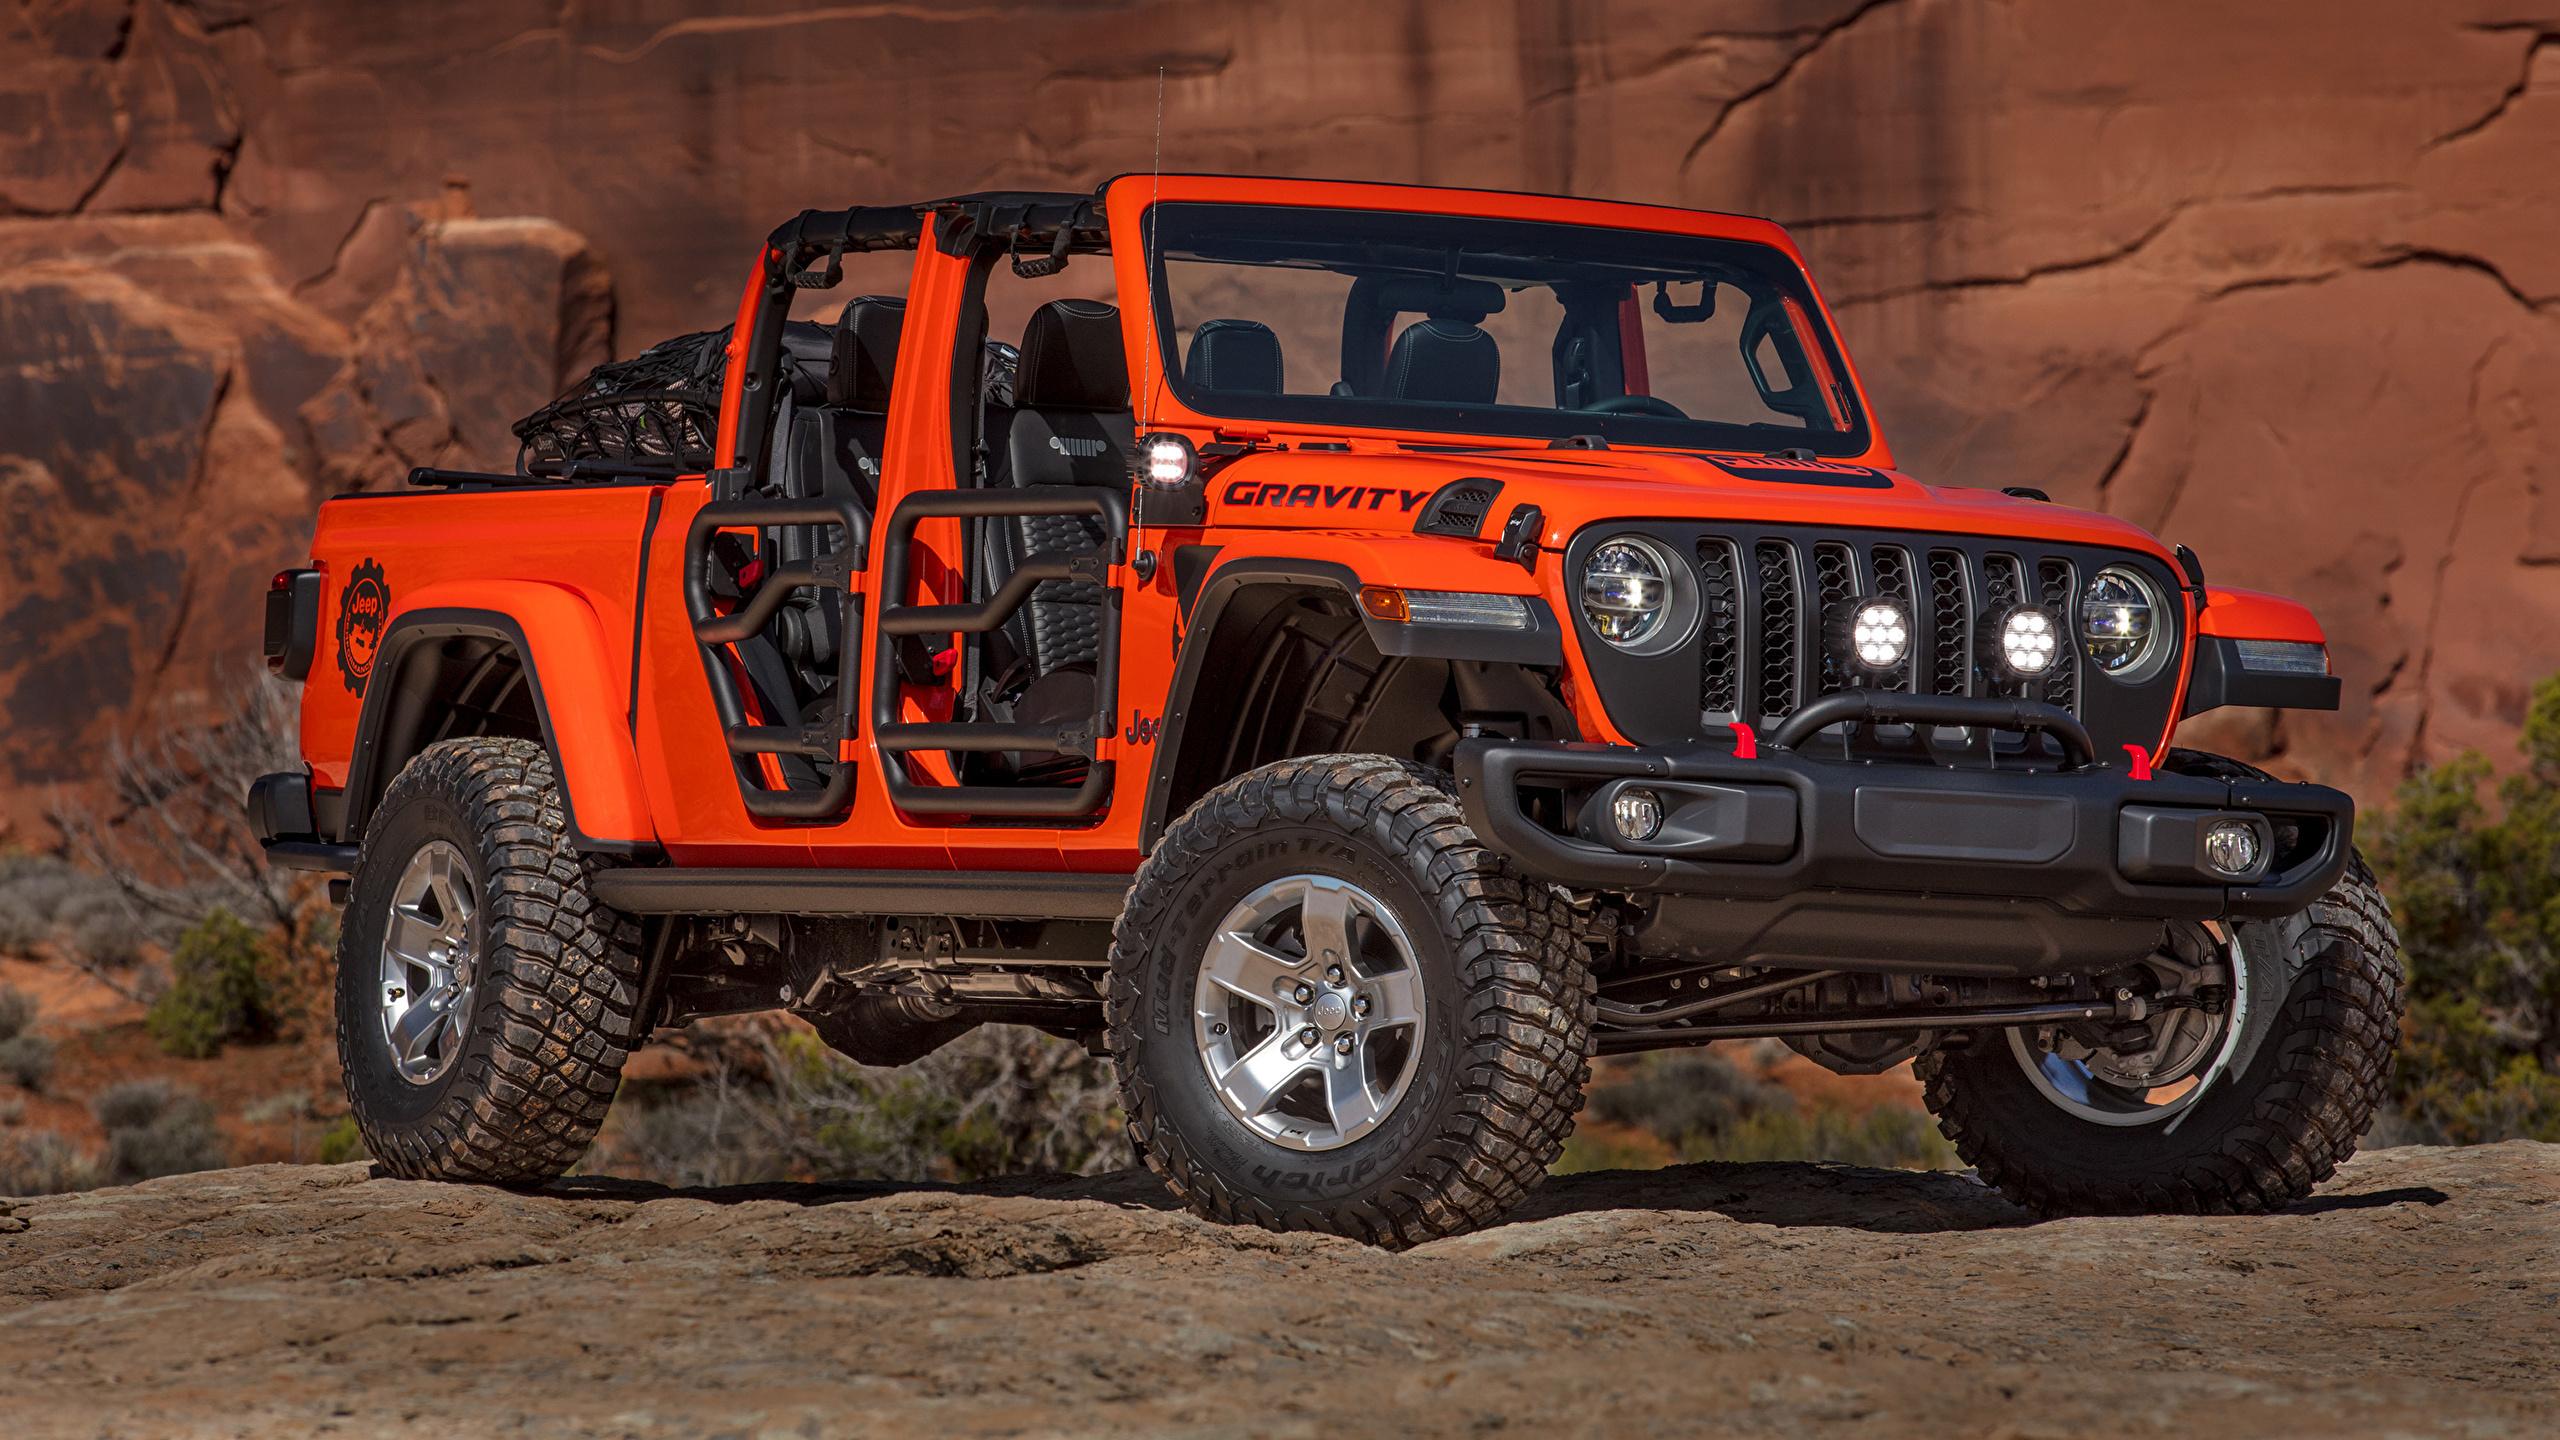 Фото Jeep 2019 Gladiator Gravity Пикап кузов Красный Автомобили 2560x1440 Джип красных красные красная авто машина машины автомобиль